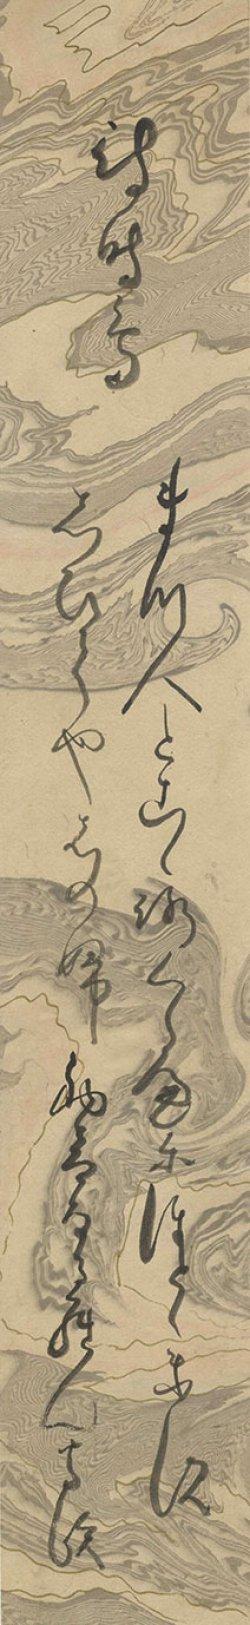 画像1: 伴高蹊短冊「待時鳥」